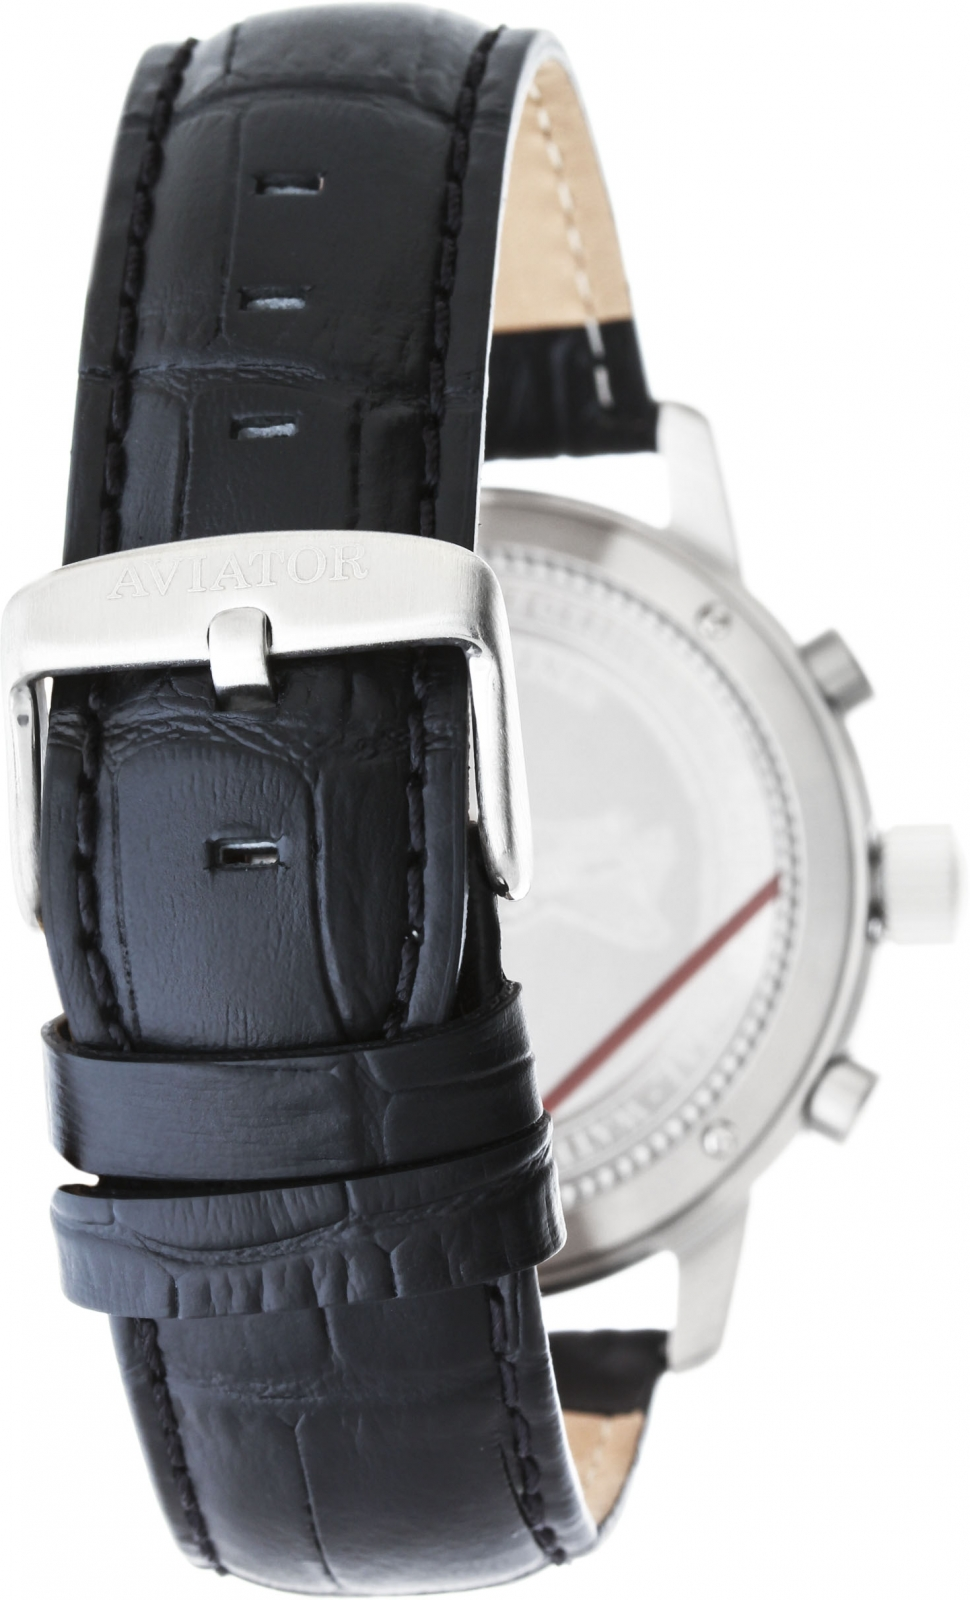 Aviator AIRACOBRA CHRONO V.2.13.0.075.4Наручные часы<br>Швейцарские часы Aviator AIRACOBRA CHRONO V.2.13.0.075.4<br><br>Пол: Мужские<br>Страна-производитель: Швейцария<br>Механизм: Кварцевый<br>Материал корпуса: Сталь<br>Материал ремня/браслета: Кожа<br>Водозащита, диапазон: 100 - 150 м<br>Стекло: Сапфировое<br>Толщина корпуса: 12 мм<br>Стиль: Классика